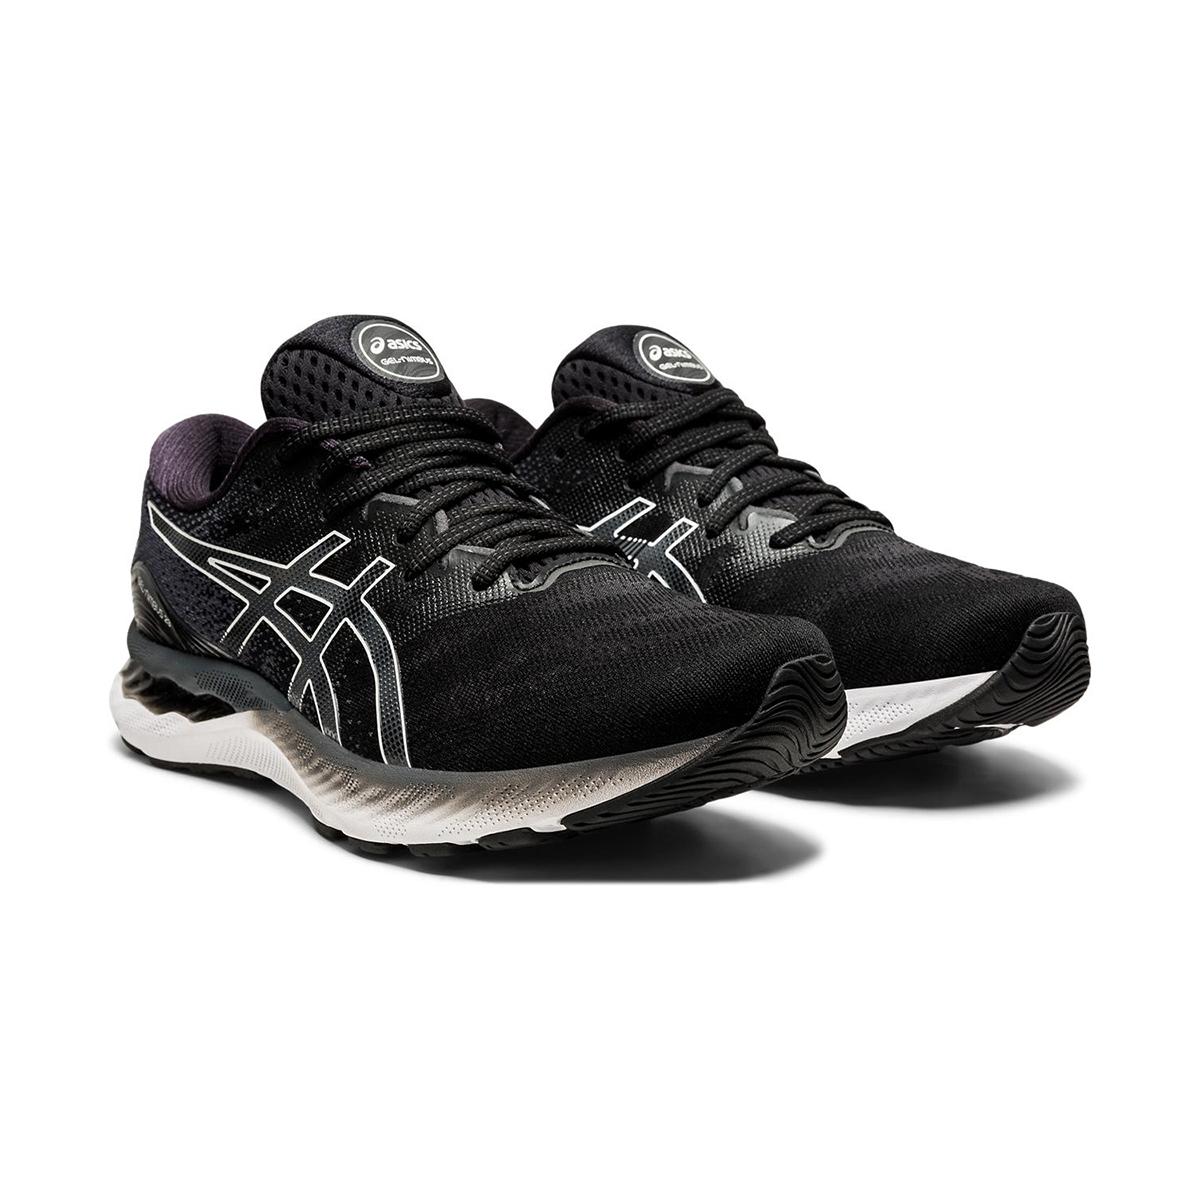 Men's Asics GEL-Nimbus 23 Running Shoe, , large, image 3